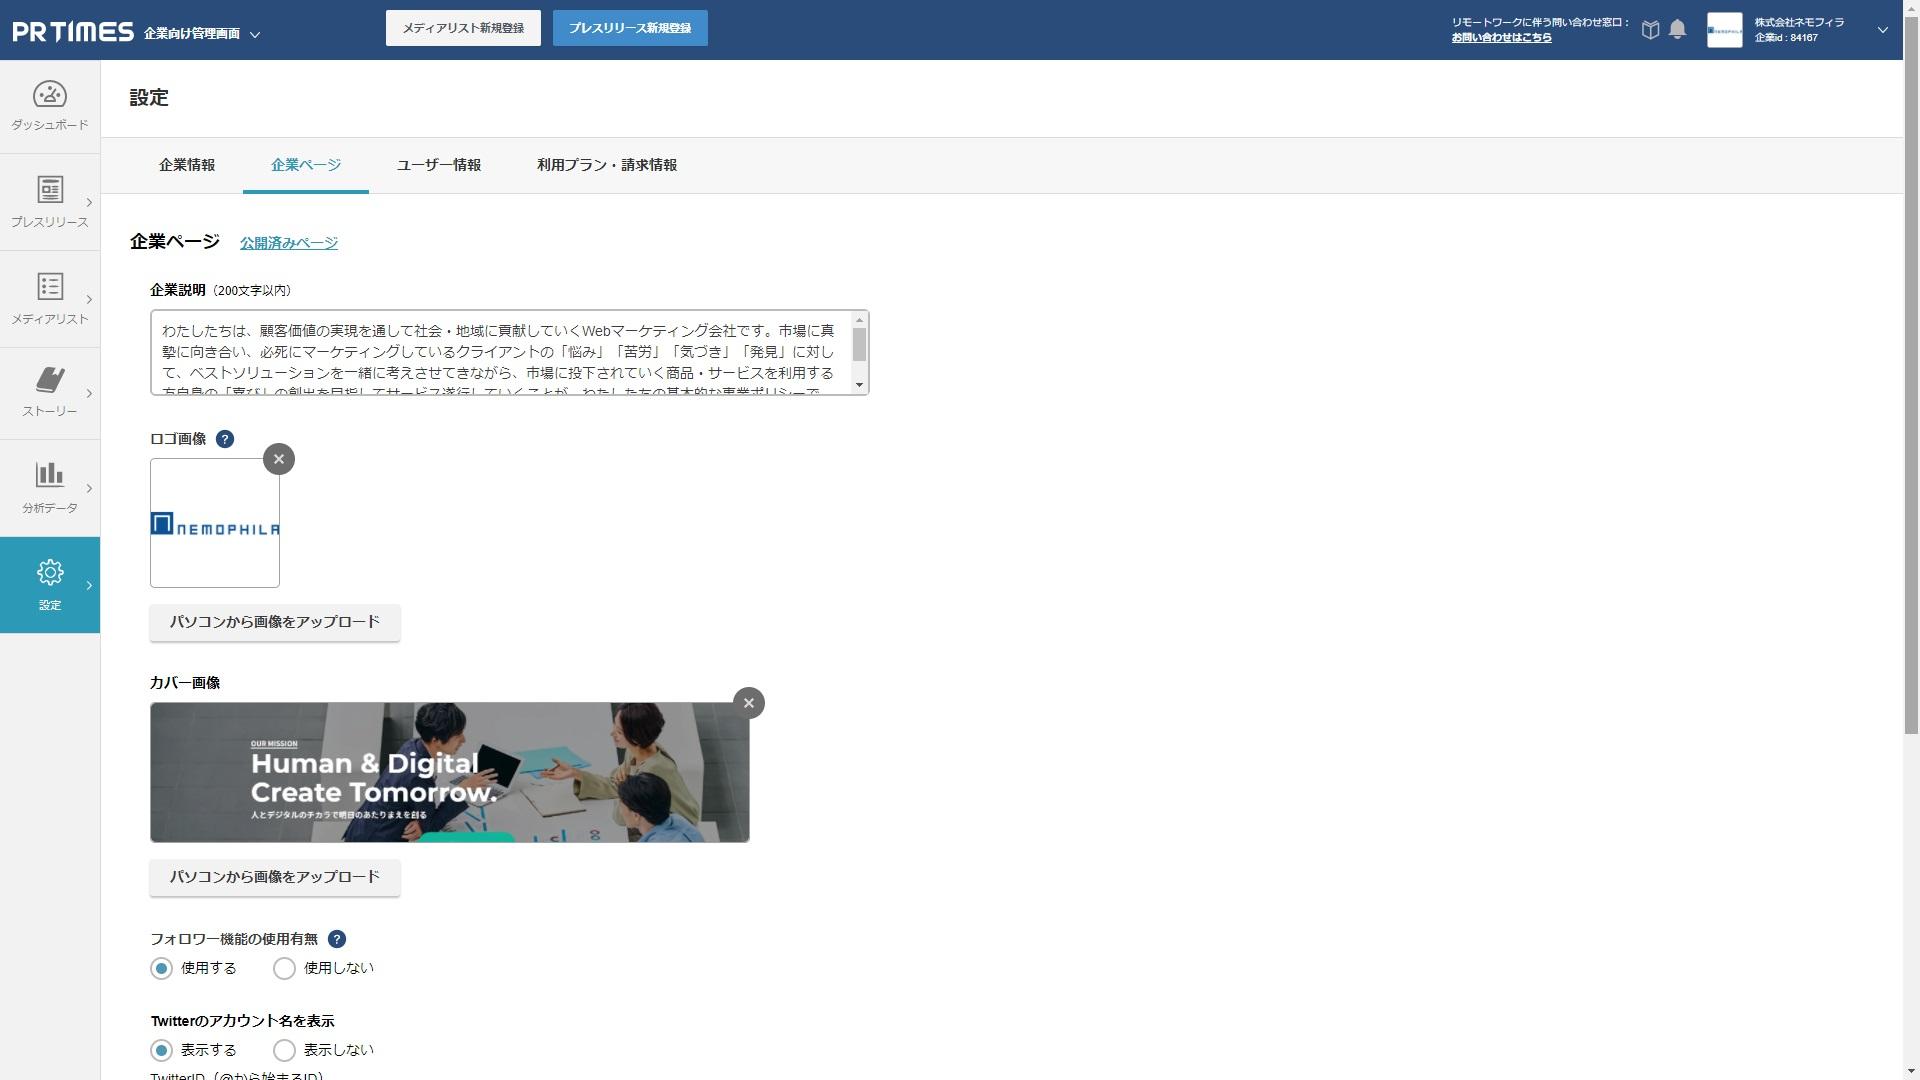 PR-TIMESの企業ページ作成画面